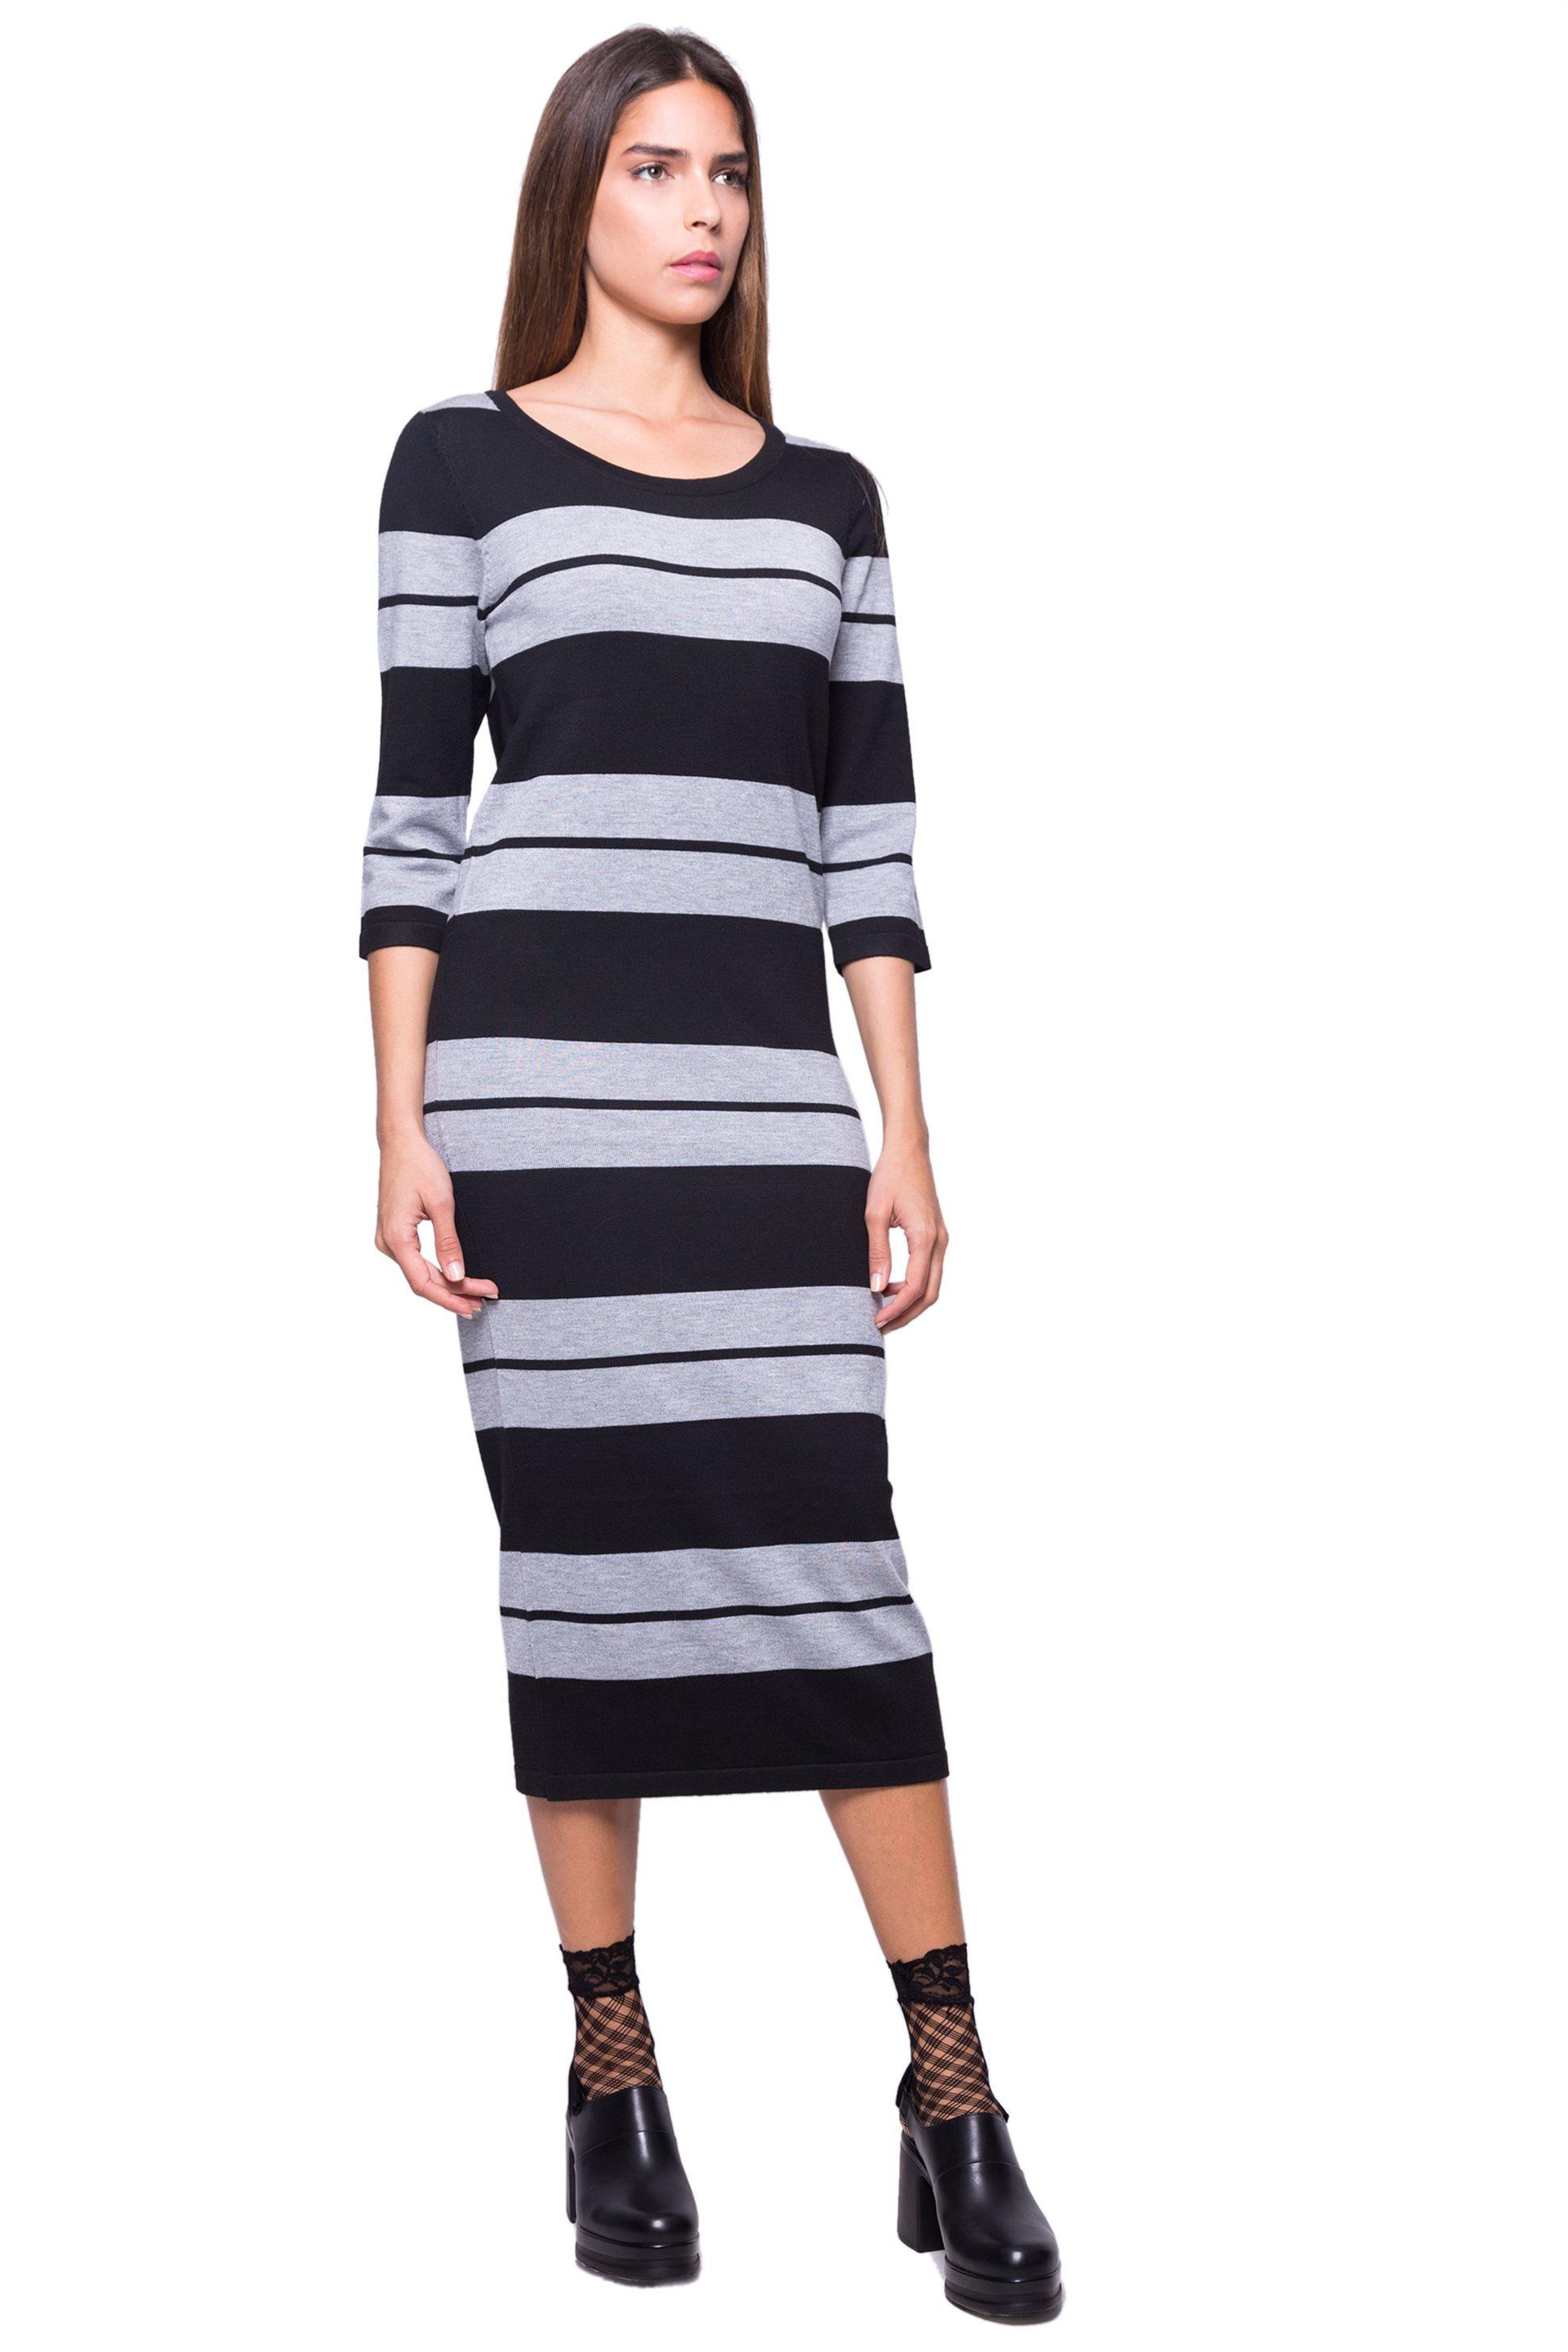 Γυναικείο φόρεμα Esprit - 097EE1E003 - Μαύρο γυναικα   ρουχα   φορέματα   midi φορέματα